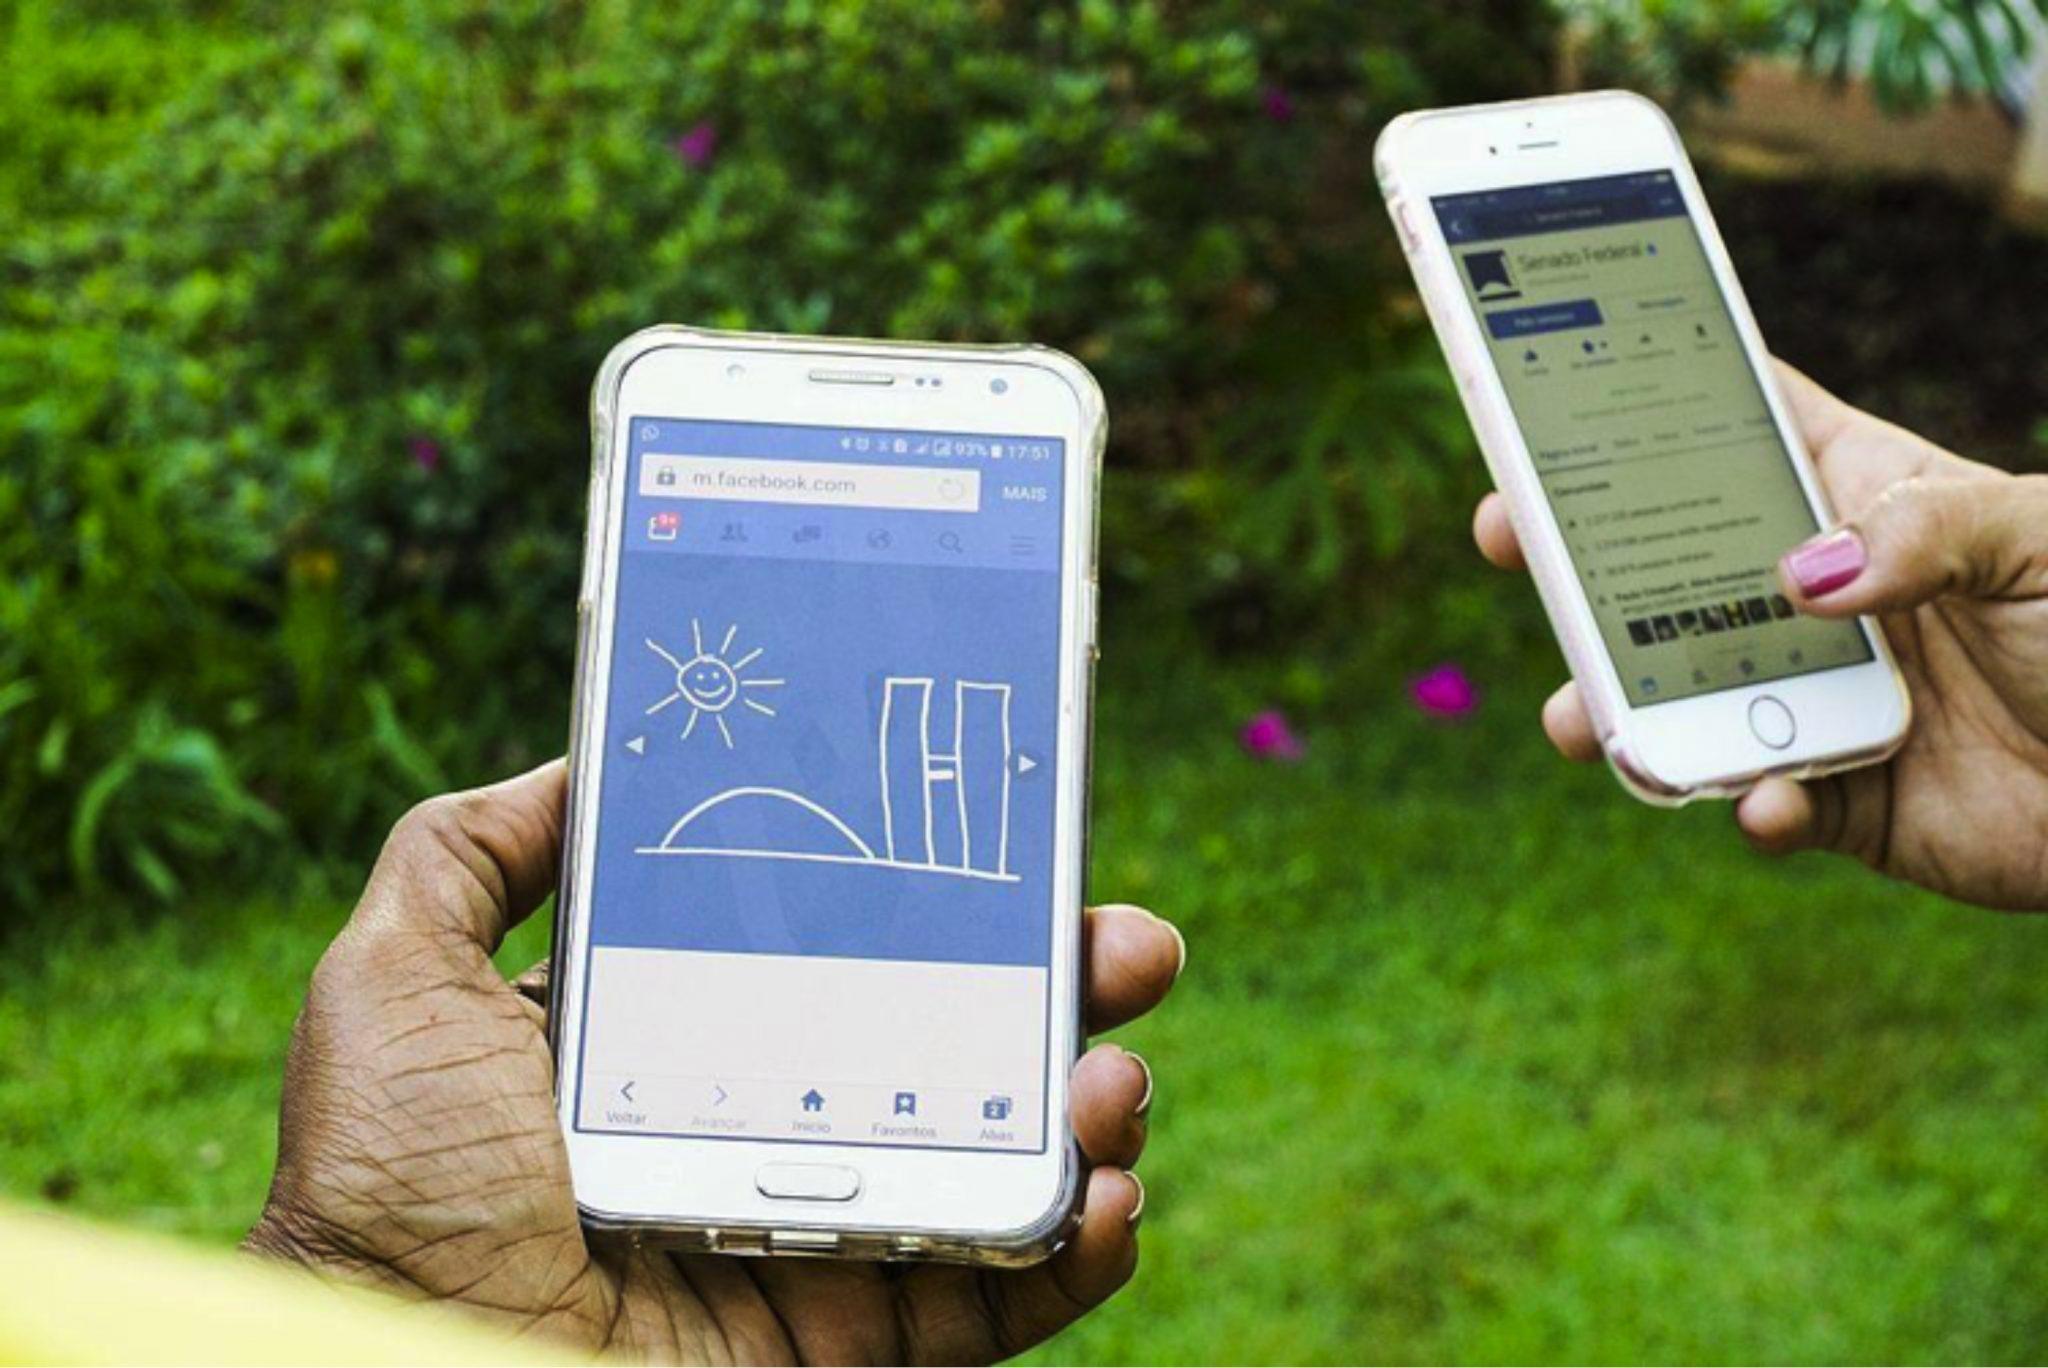 La sicurezza da mobile. Dalle novità di Qualys agli operatori dell'entertainment virtuale